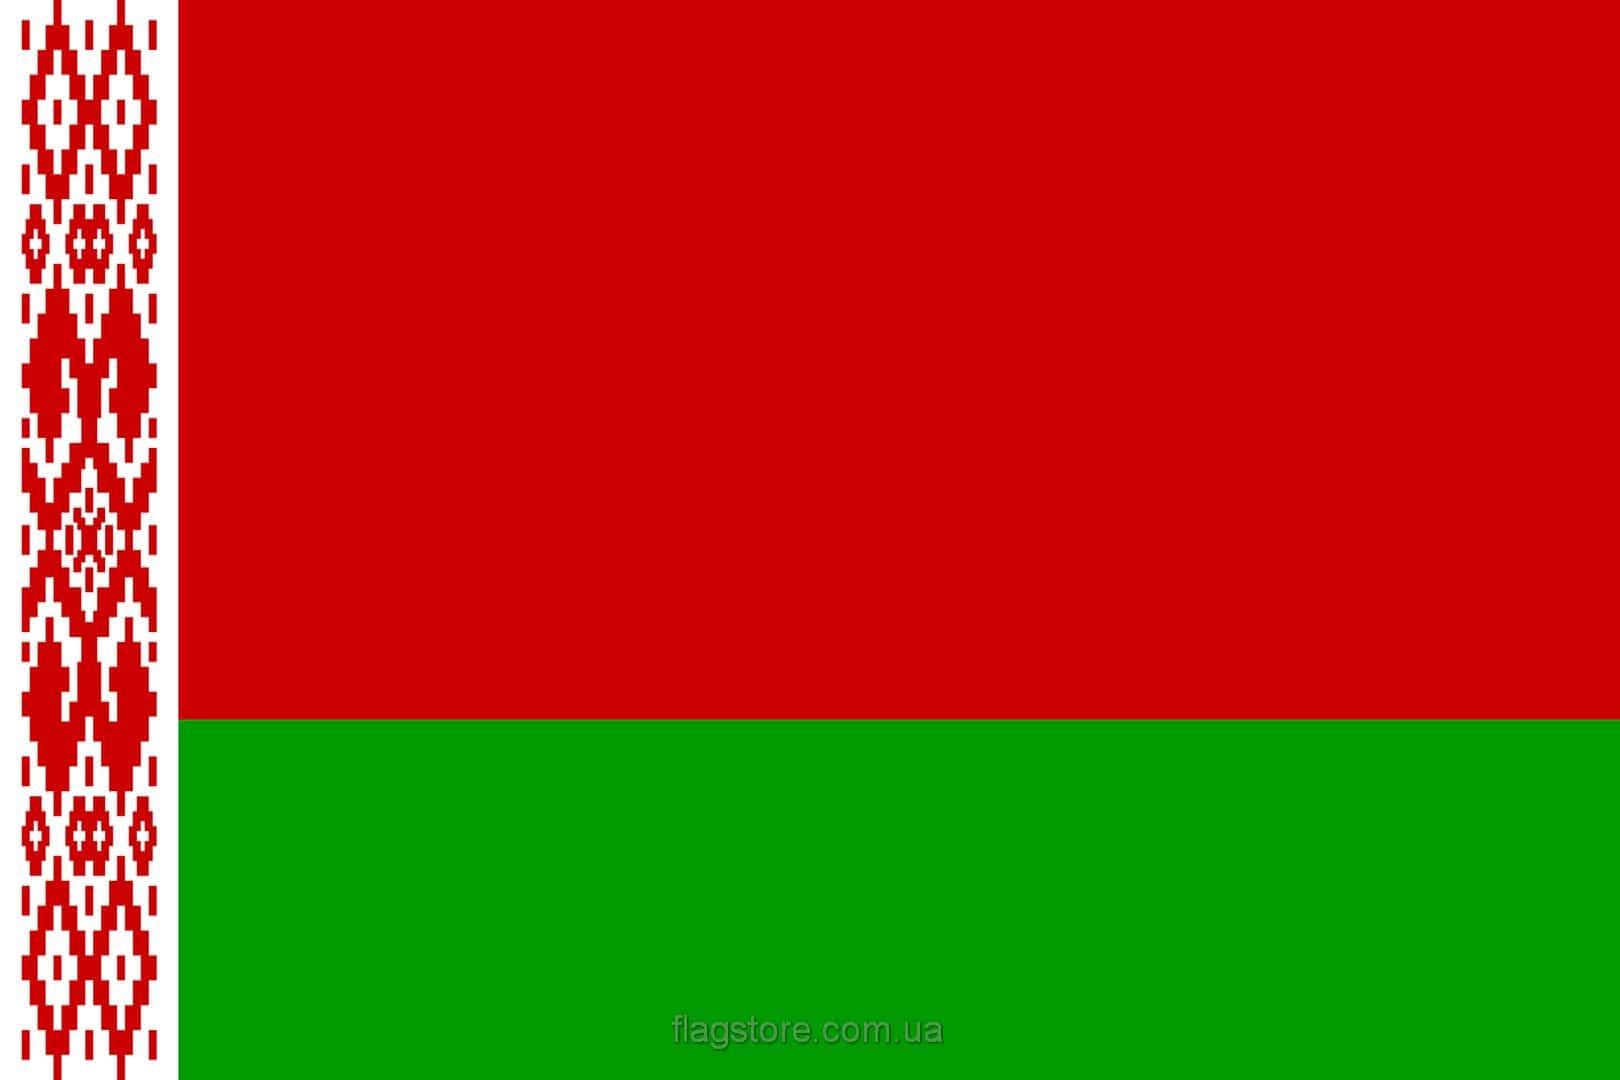 Купить флаг Белоруссии (страны Республика Беларусь)